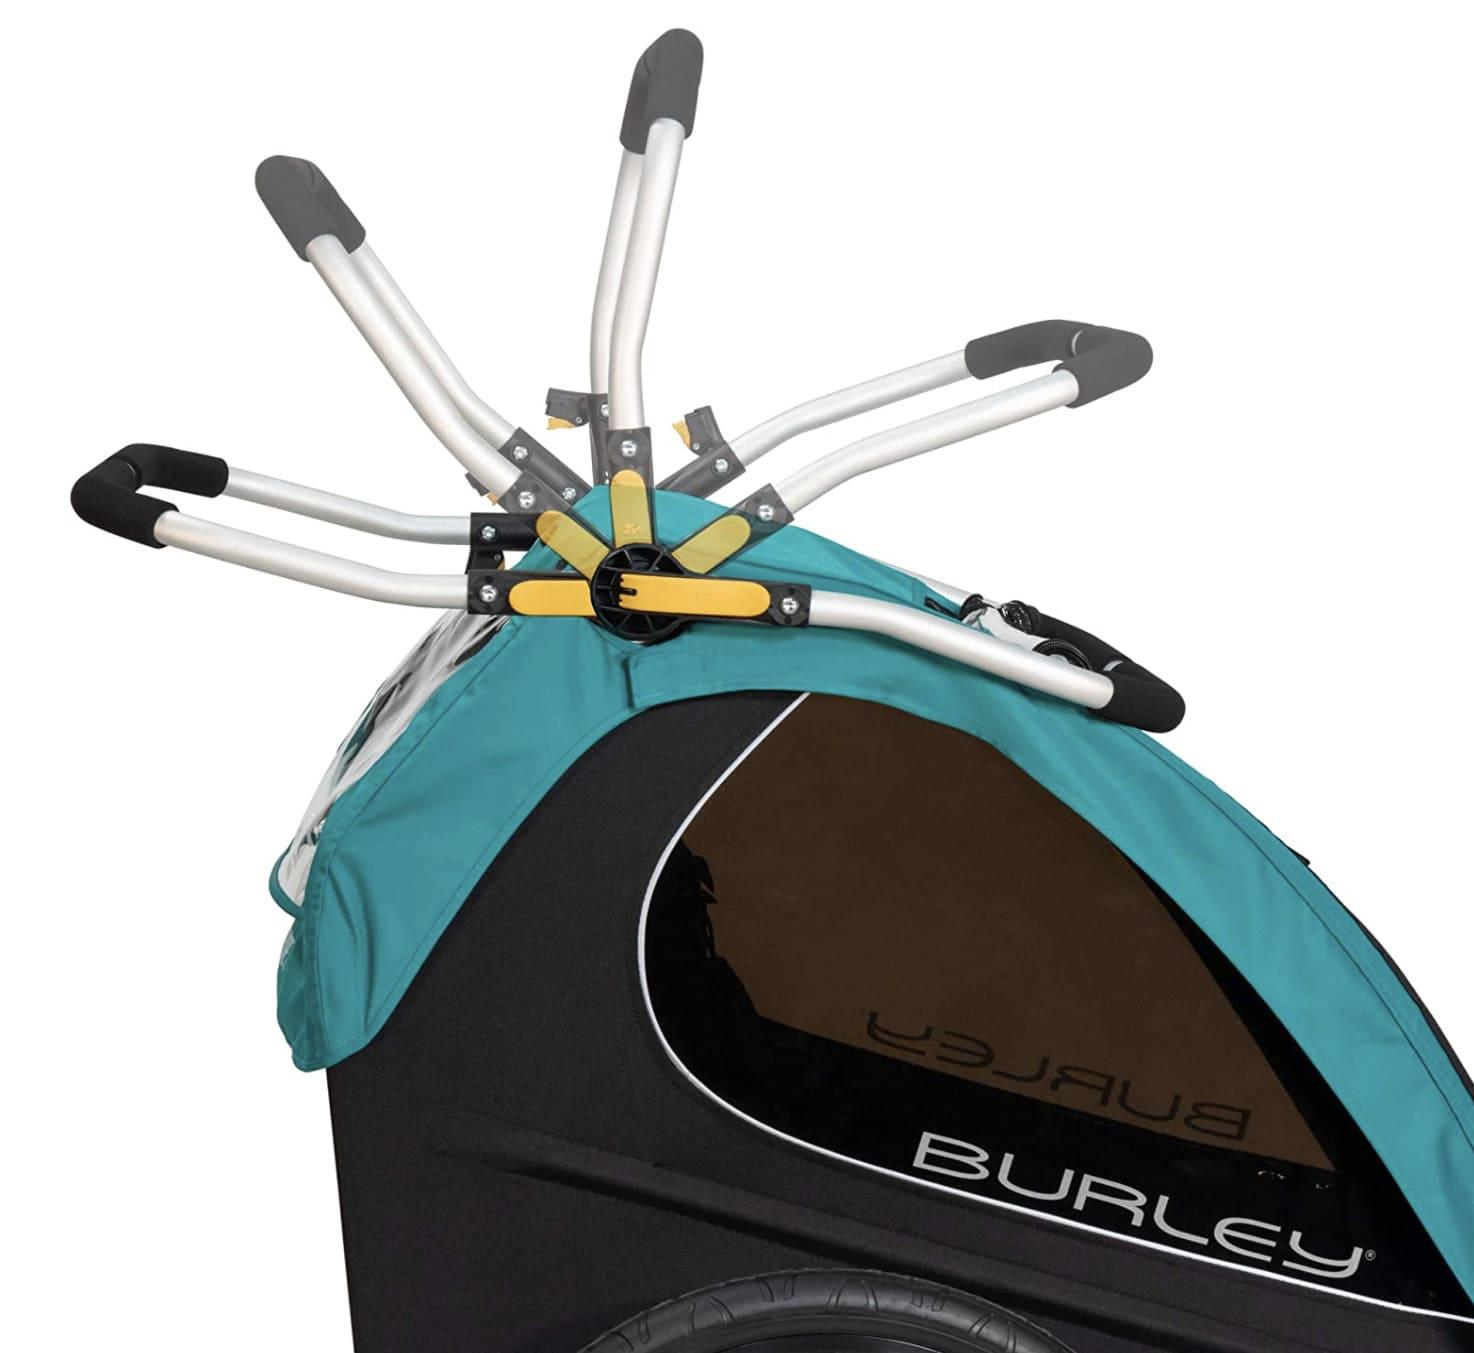 Manillar remolque bicicleta Encore X ajustable en altura